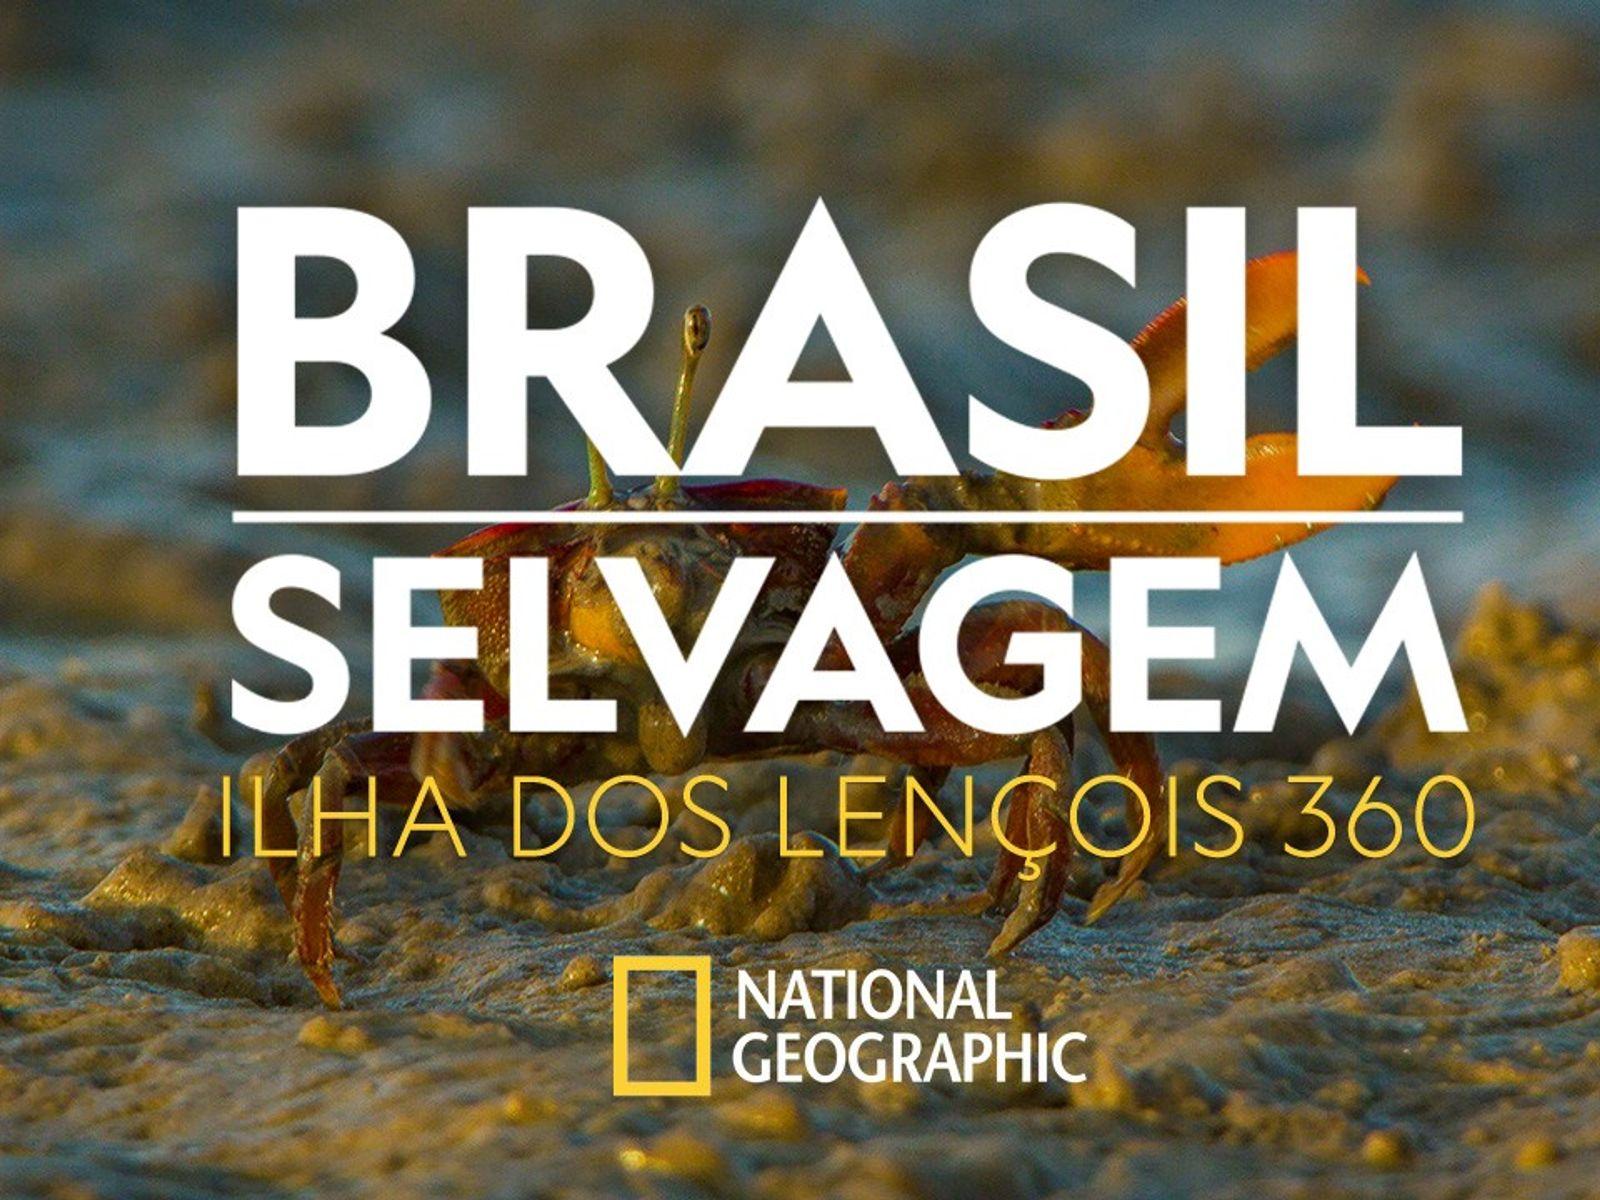 brasil-ilha-dos-lencois